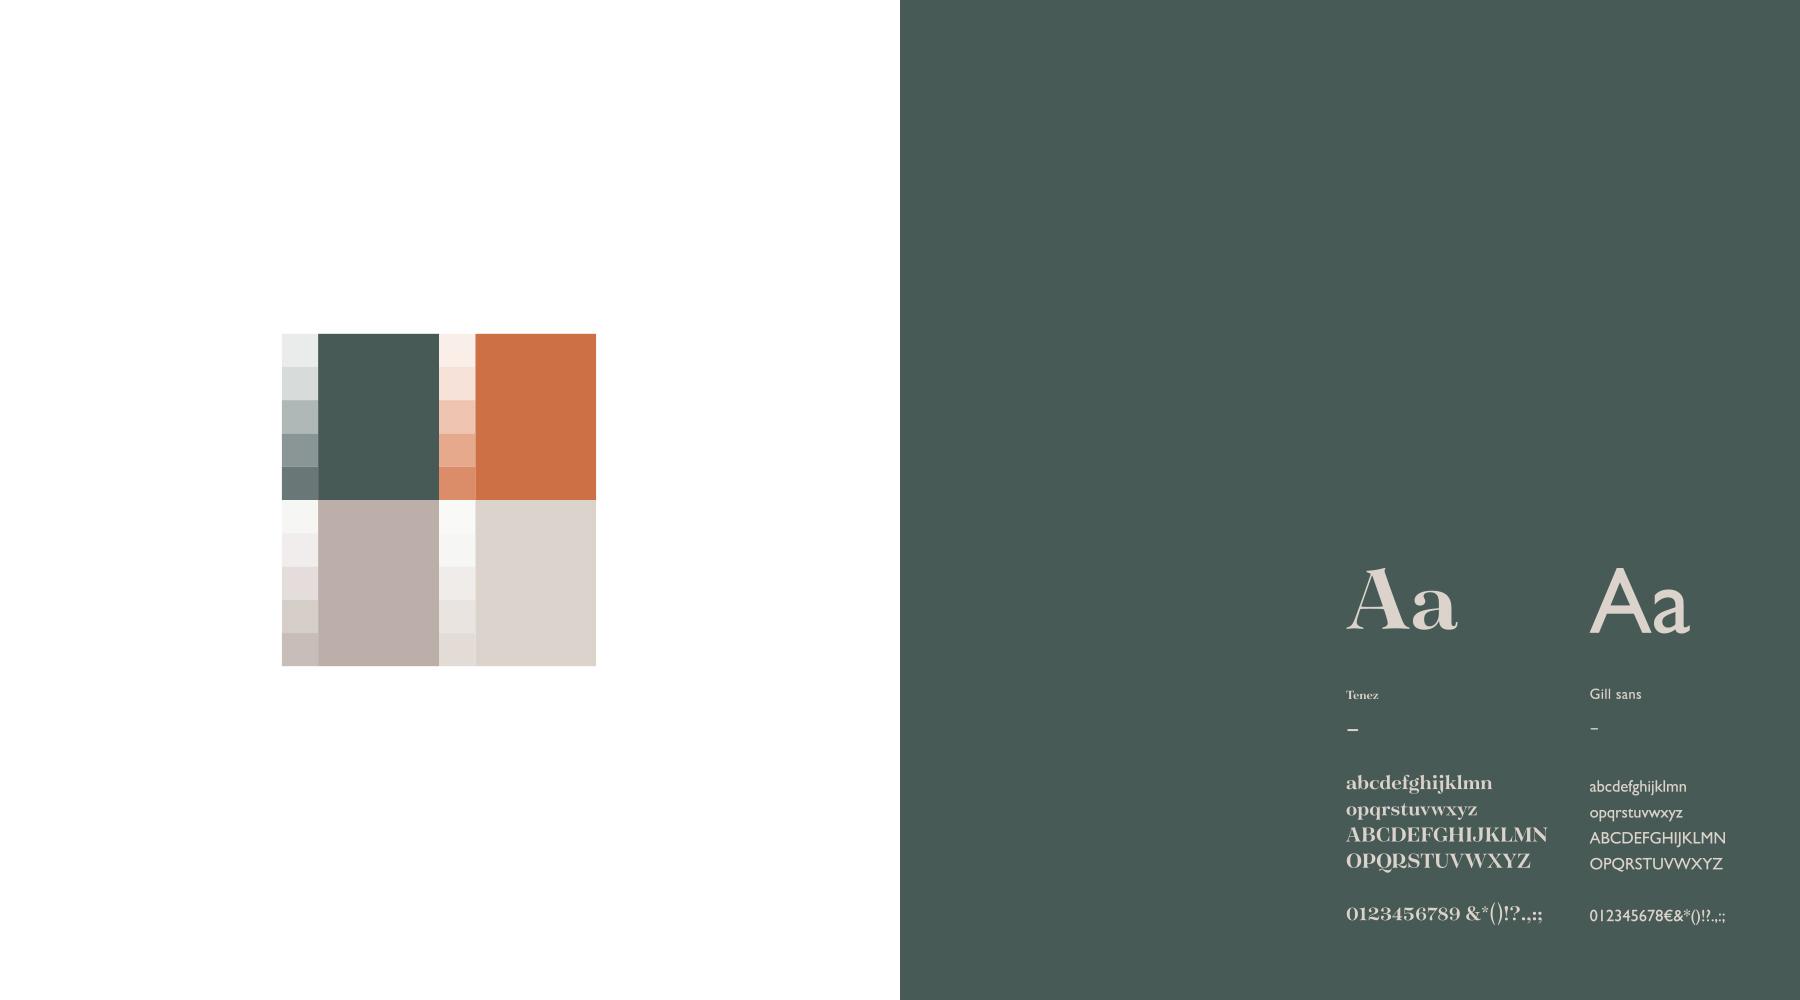 Teintes et typographie logo Marc Van Espenhoudt